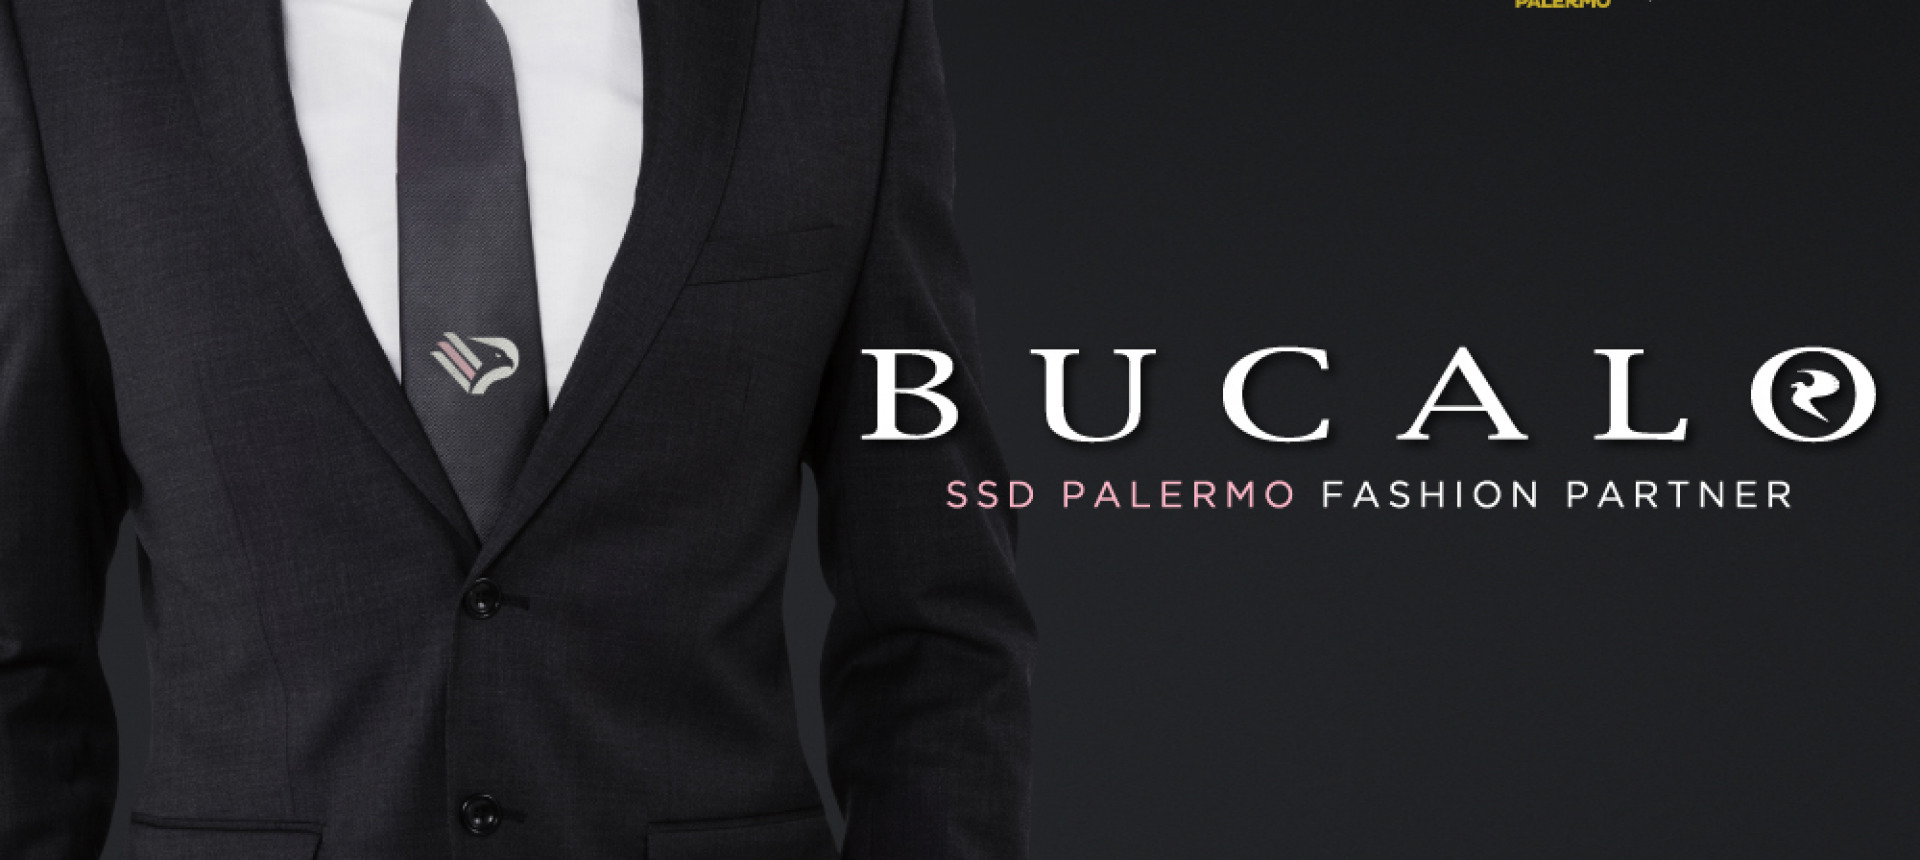 BUCALO È IL NUOVO FASHION PARTNER DEL PALERMO